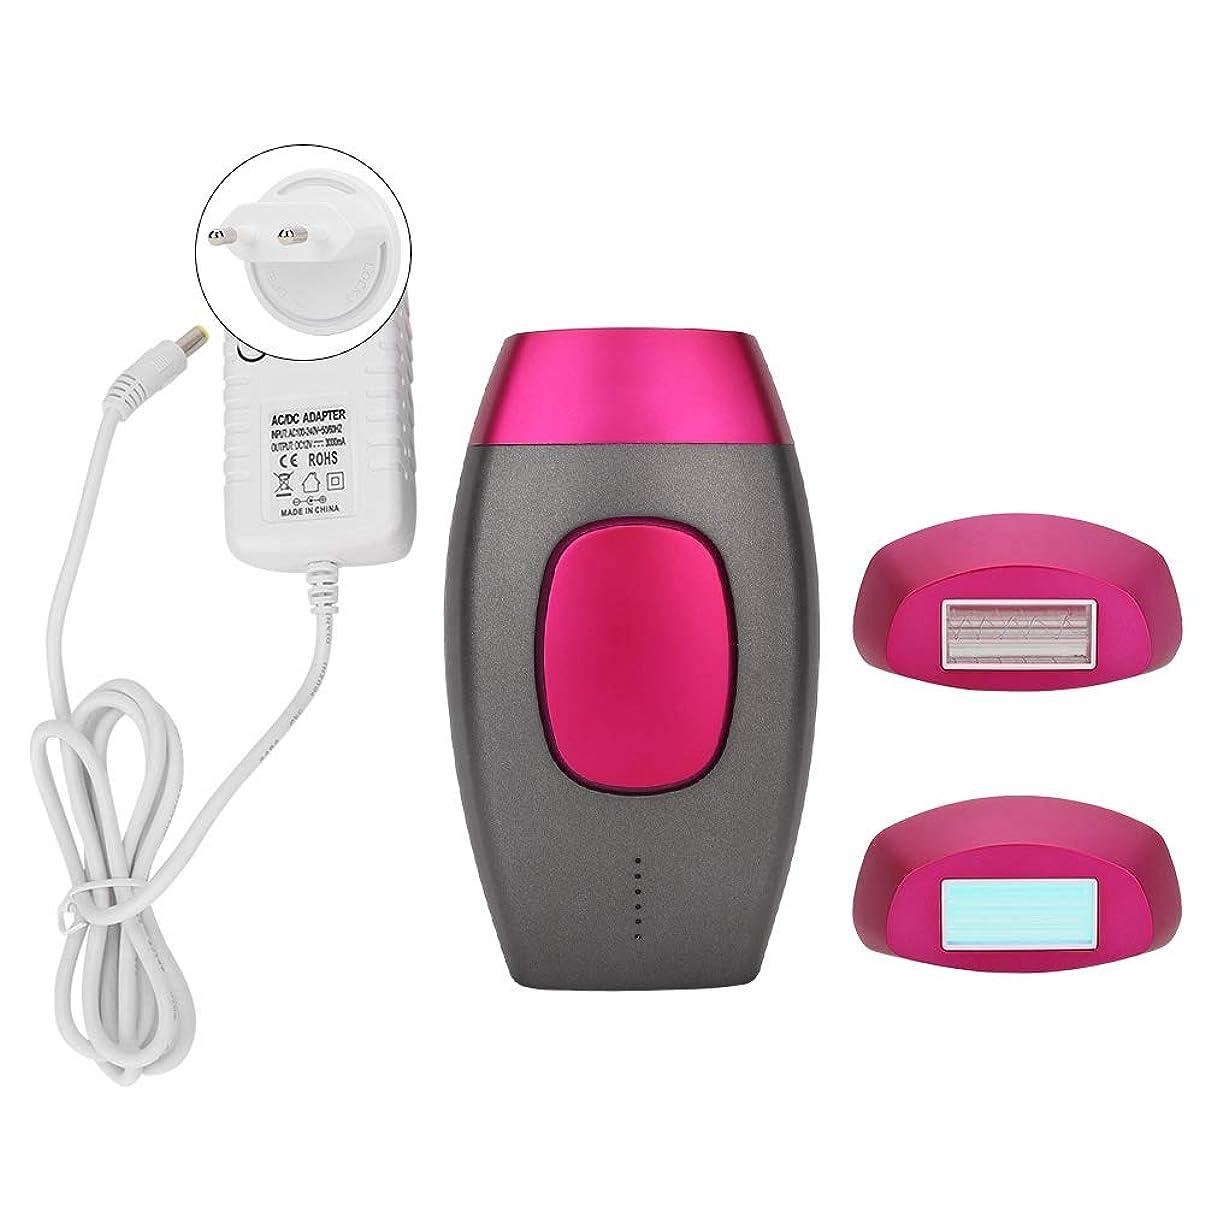 くしゃくしゃ解体する割り当て女性のためのヘアリムーバー、眉毛鼻トリマーを含む防水フェイシャルシェーバーボディシェーバー(US Plug)